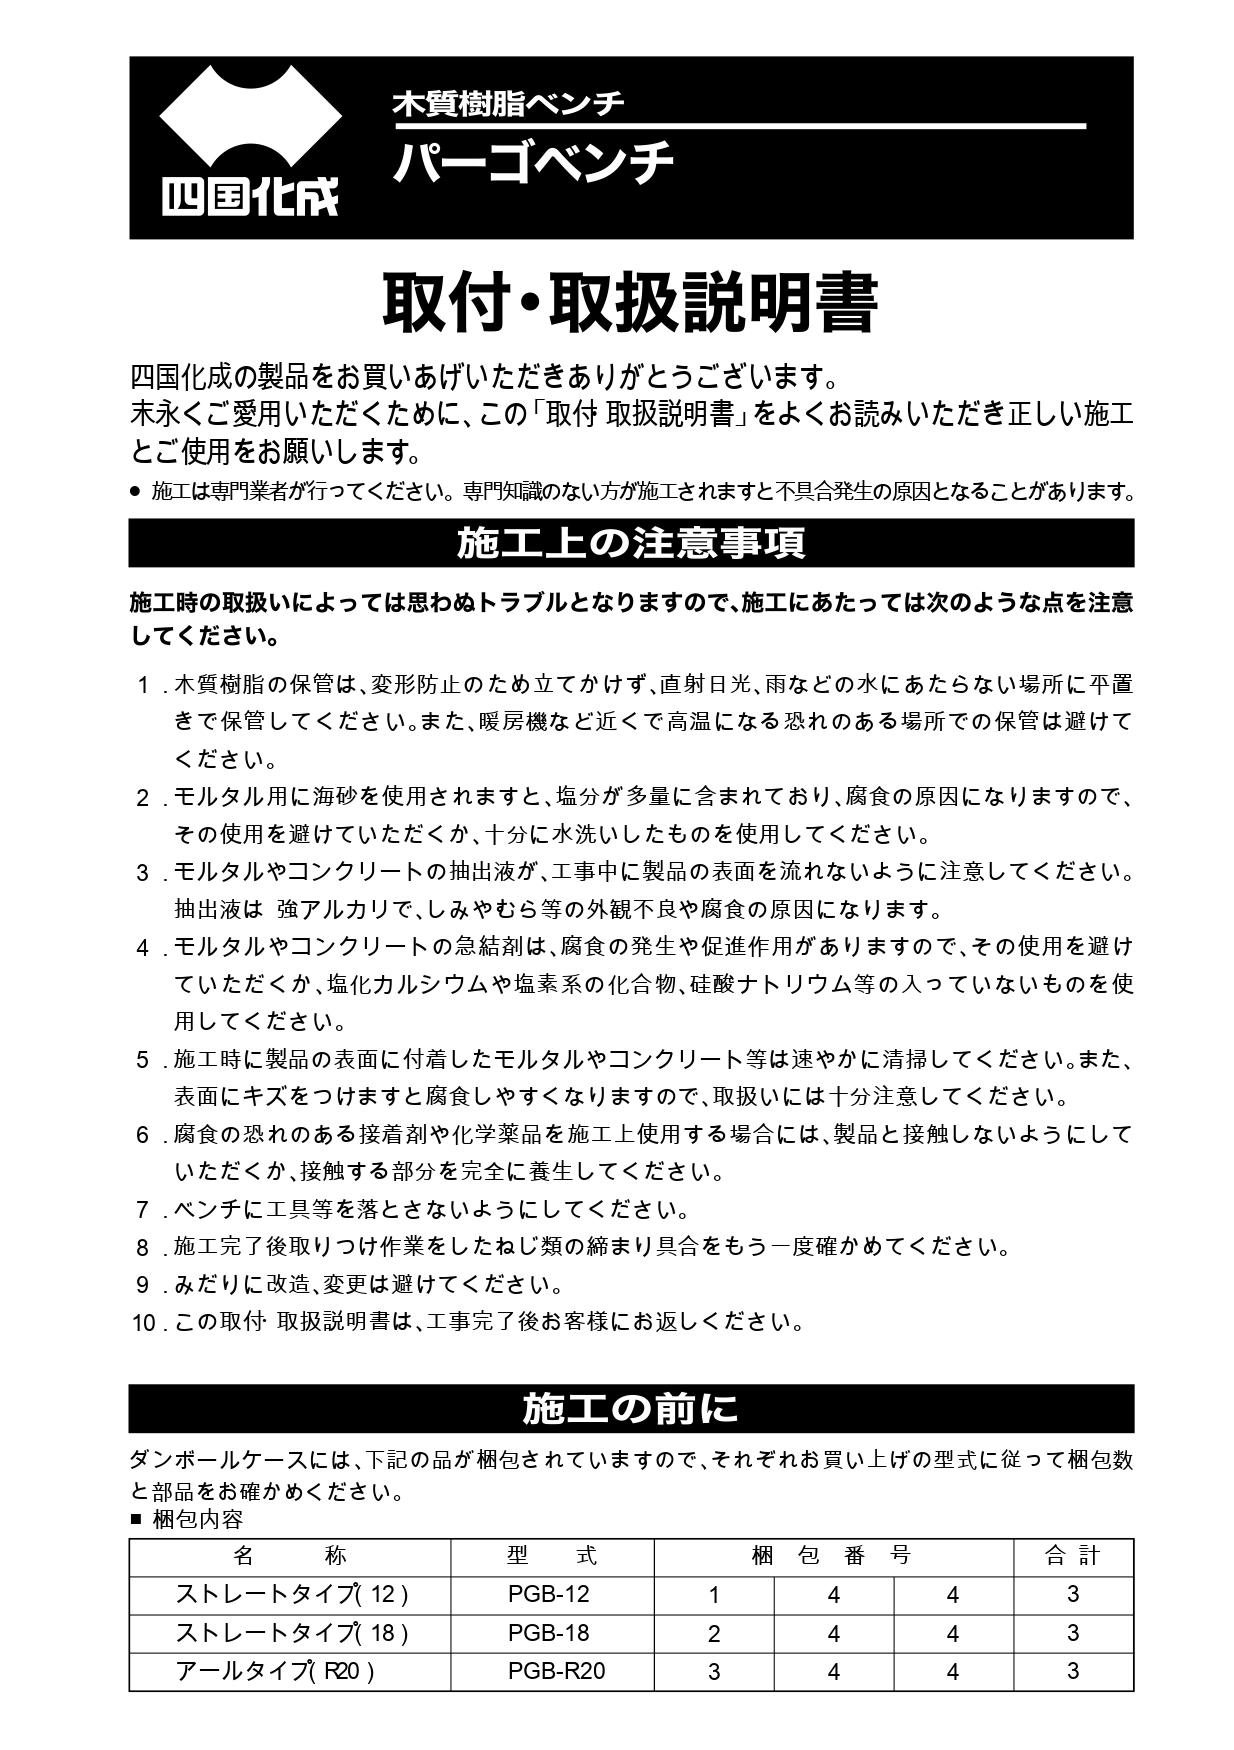 パーゴベンチ 施工説明書_page-0001